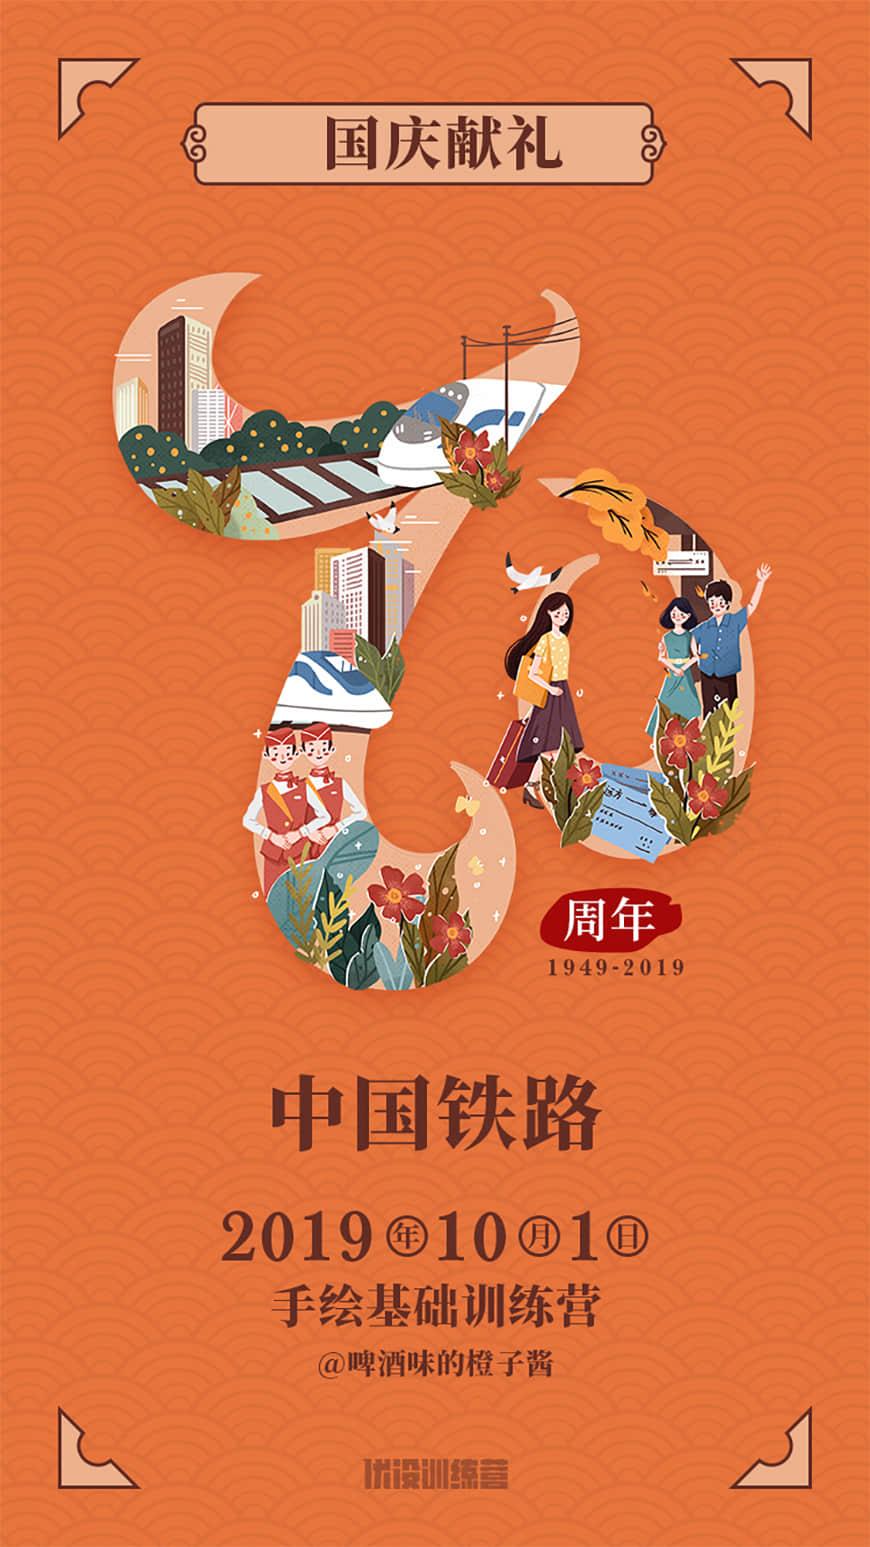 国庆献礼!致敬中国铁路手绘海报